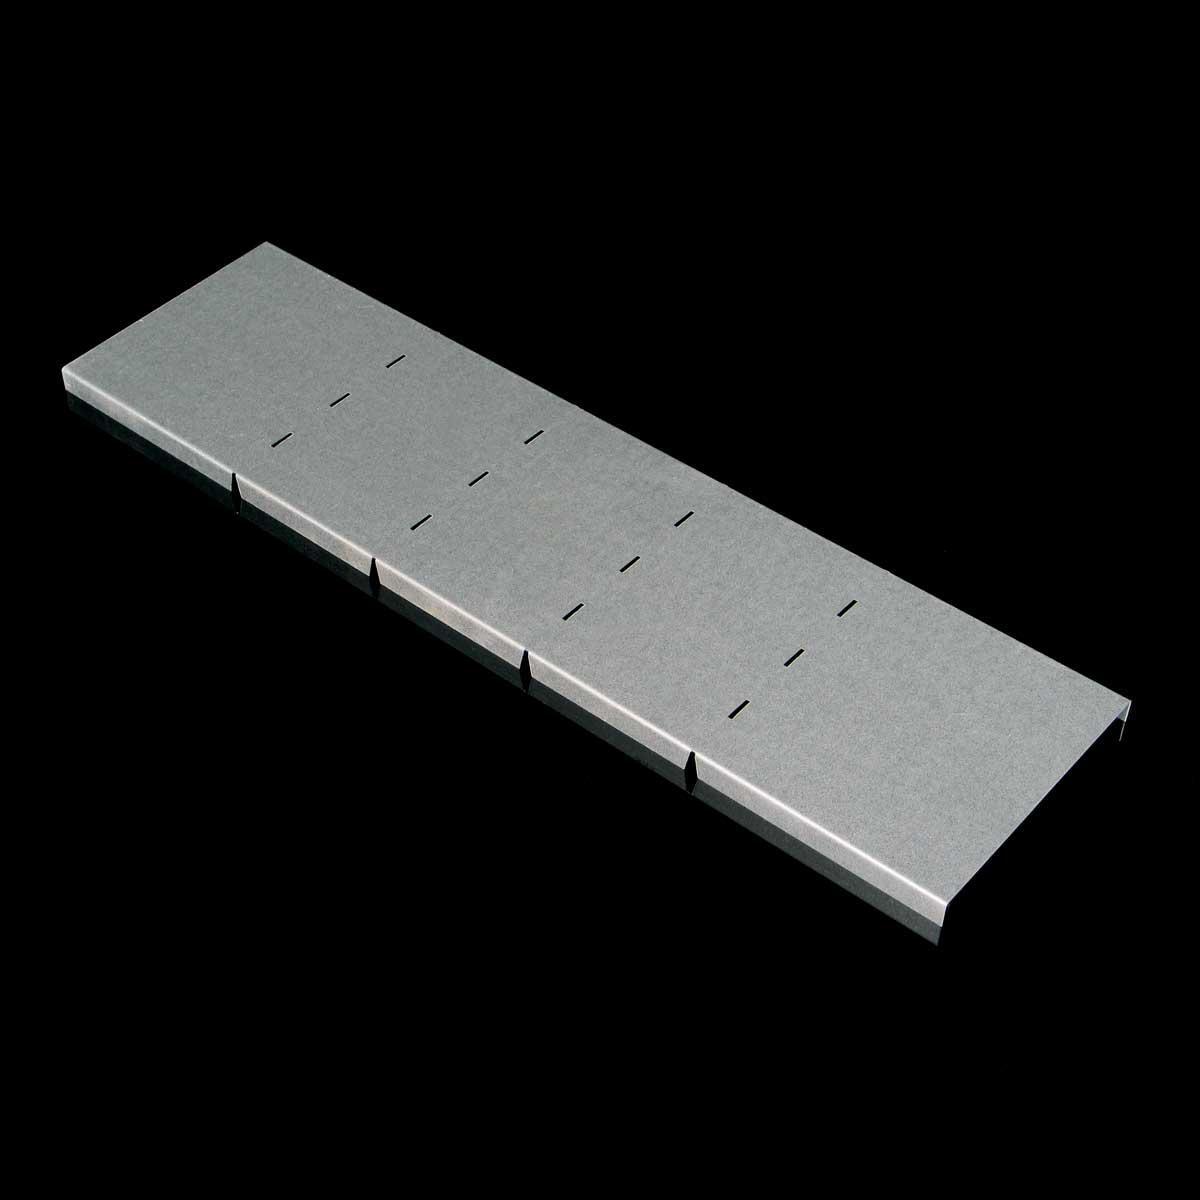 Кришка вертикального повороту зовнішнього 90° JUPITER; розміри-35x200x220mm Товщ. метал-0,8 Вага-0,51кг/м